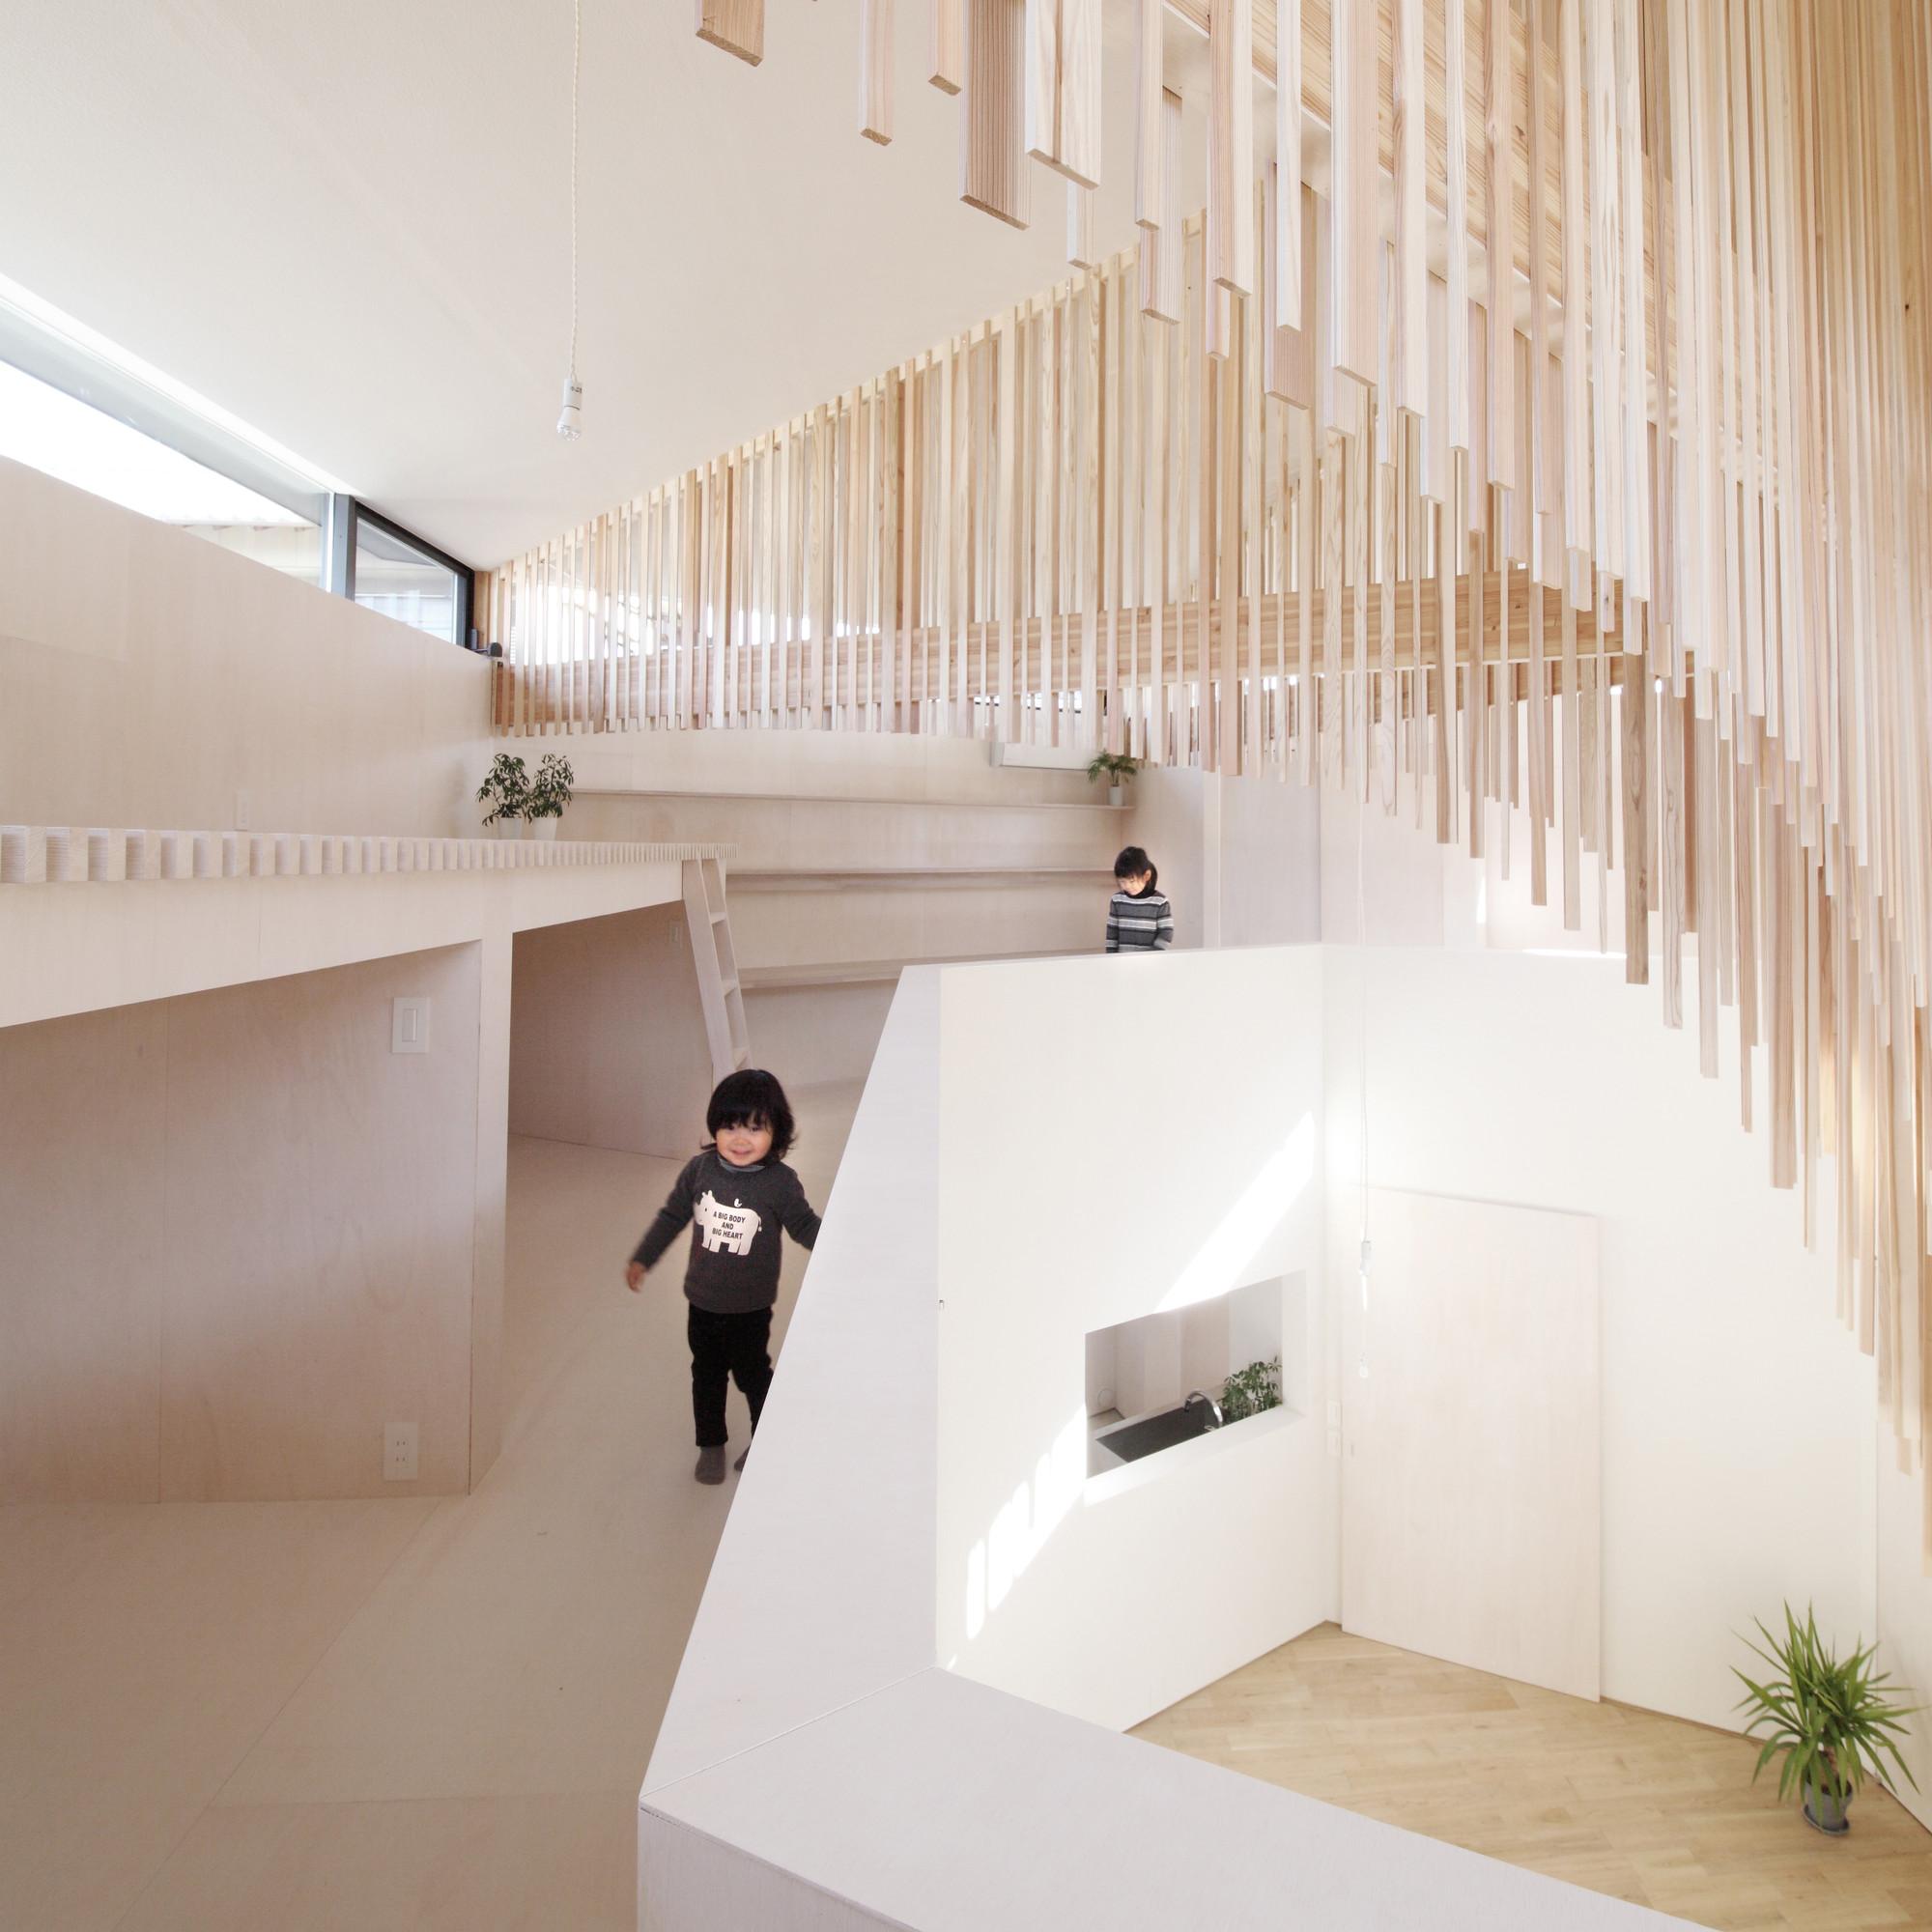 KORO House / Katsutoshi Sasaki + Associates, Courtesy of Katsutoshi Sasaki + Associates